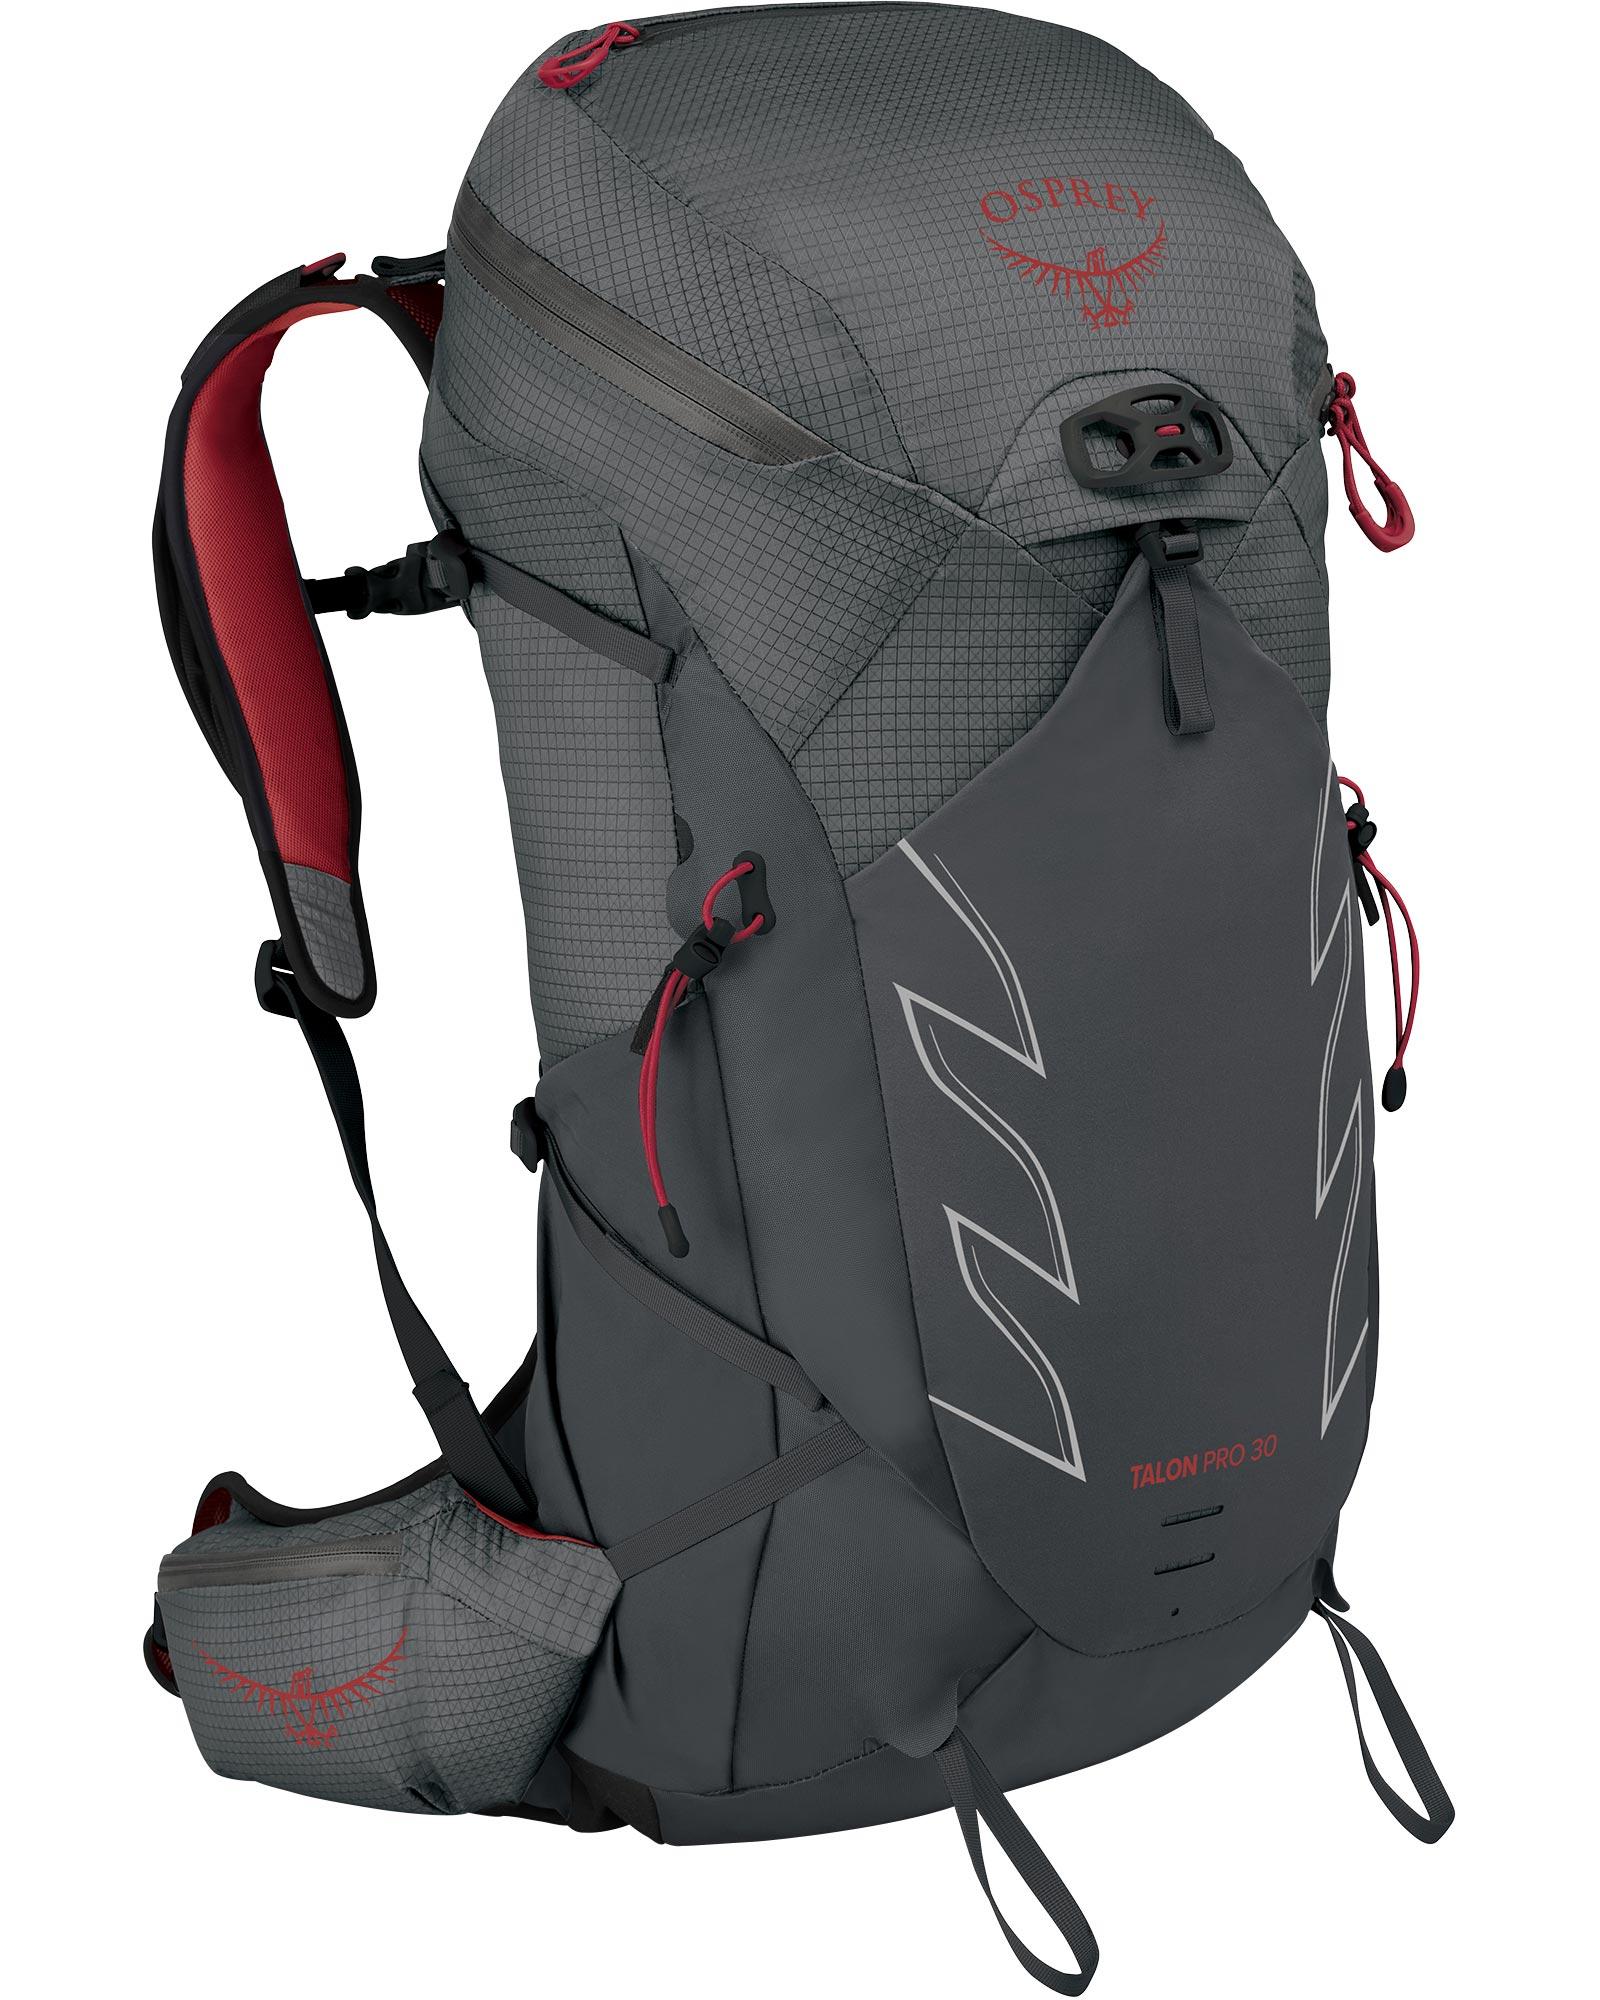 Osprey Men's Talon Pro 30 Backpack 0